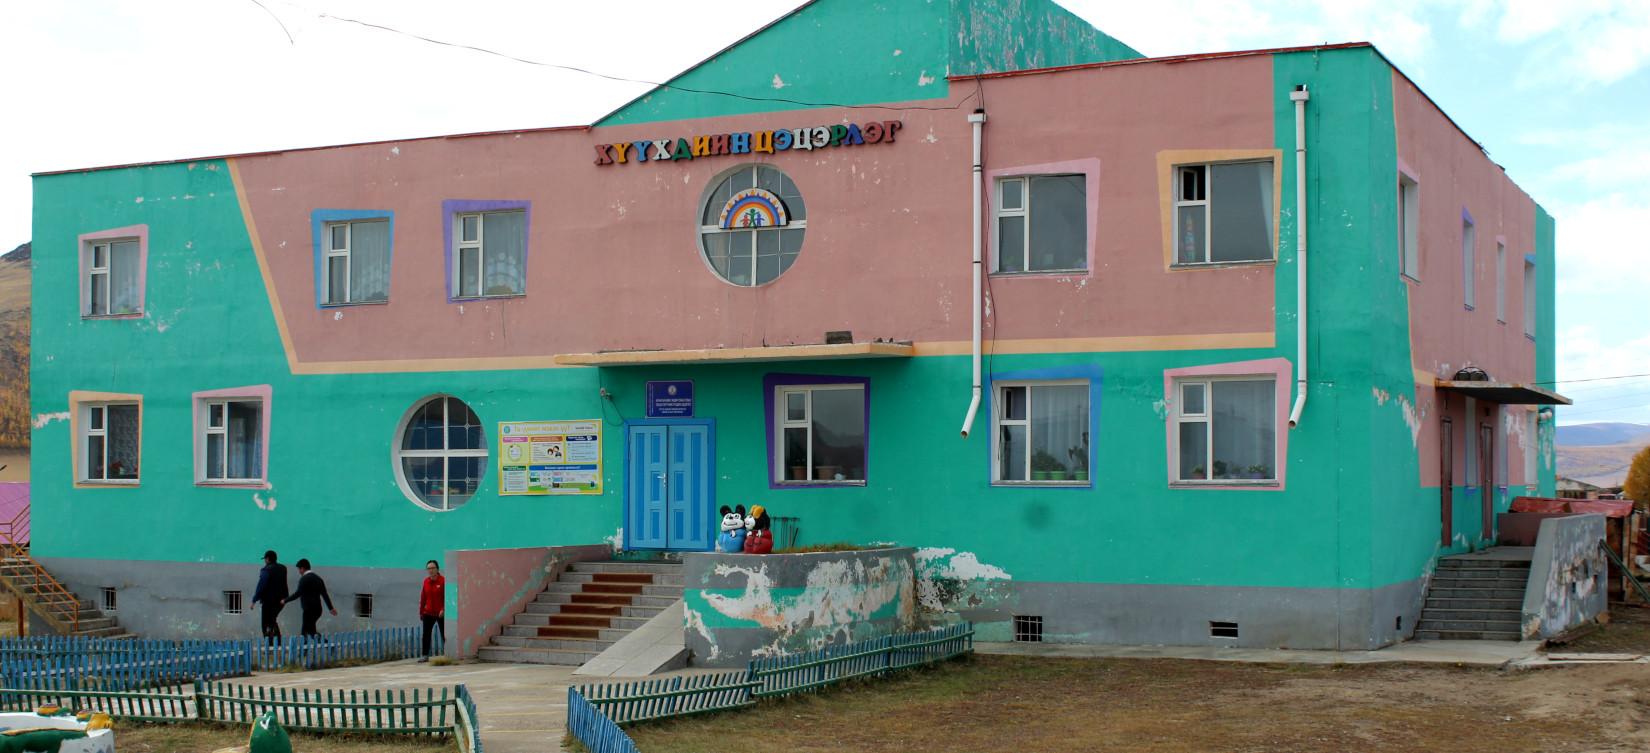 Efficacité énergétique et confort thermique des écoles de l'Arkhangai